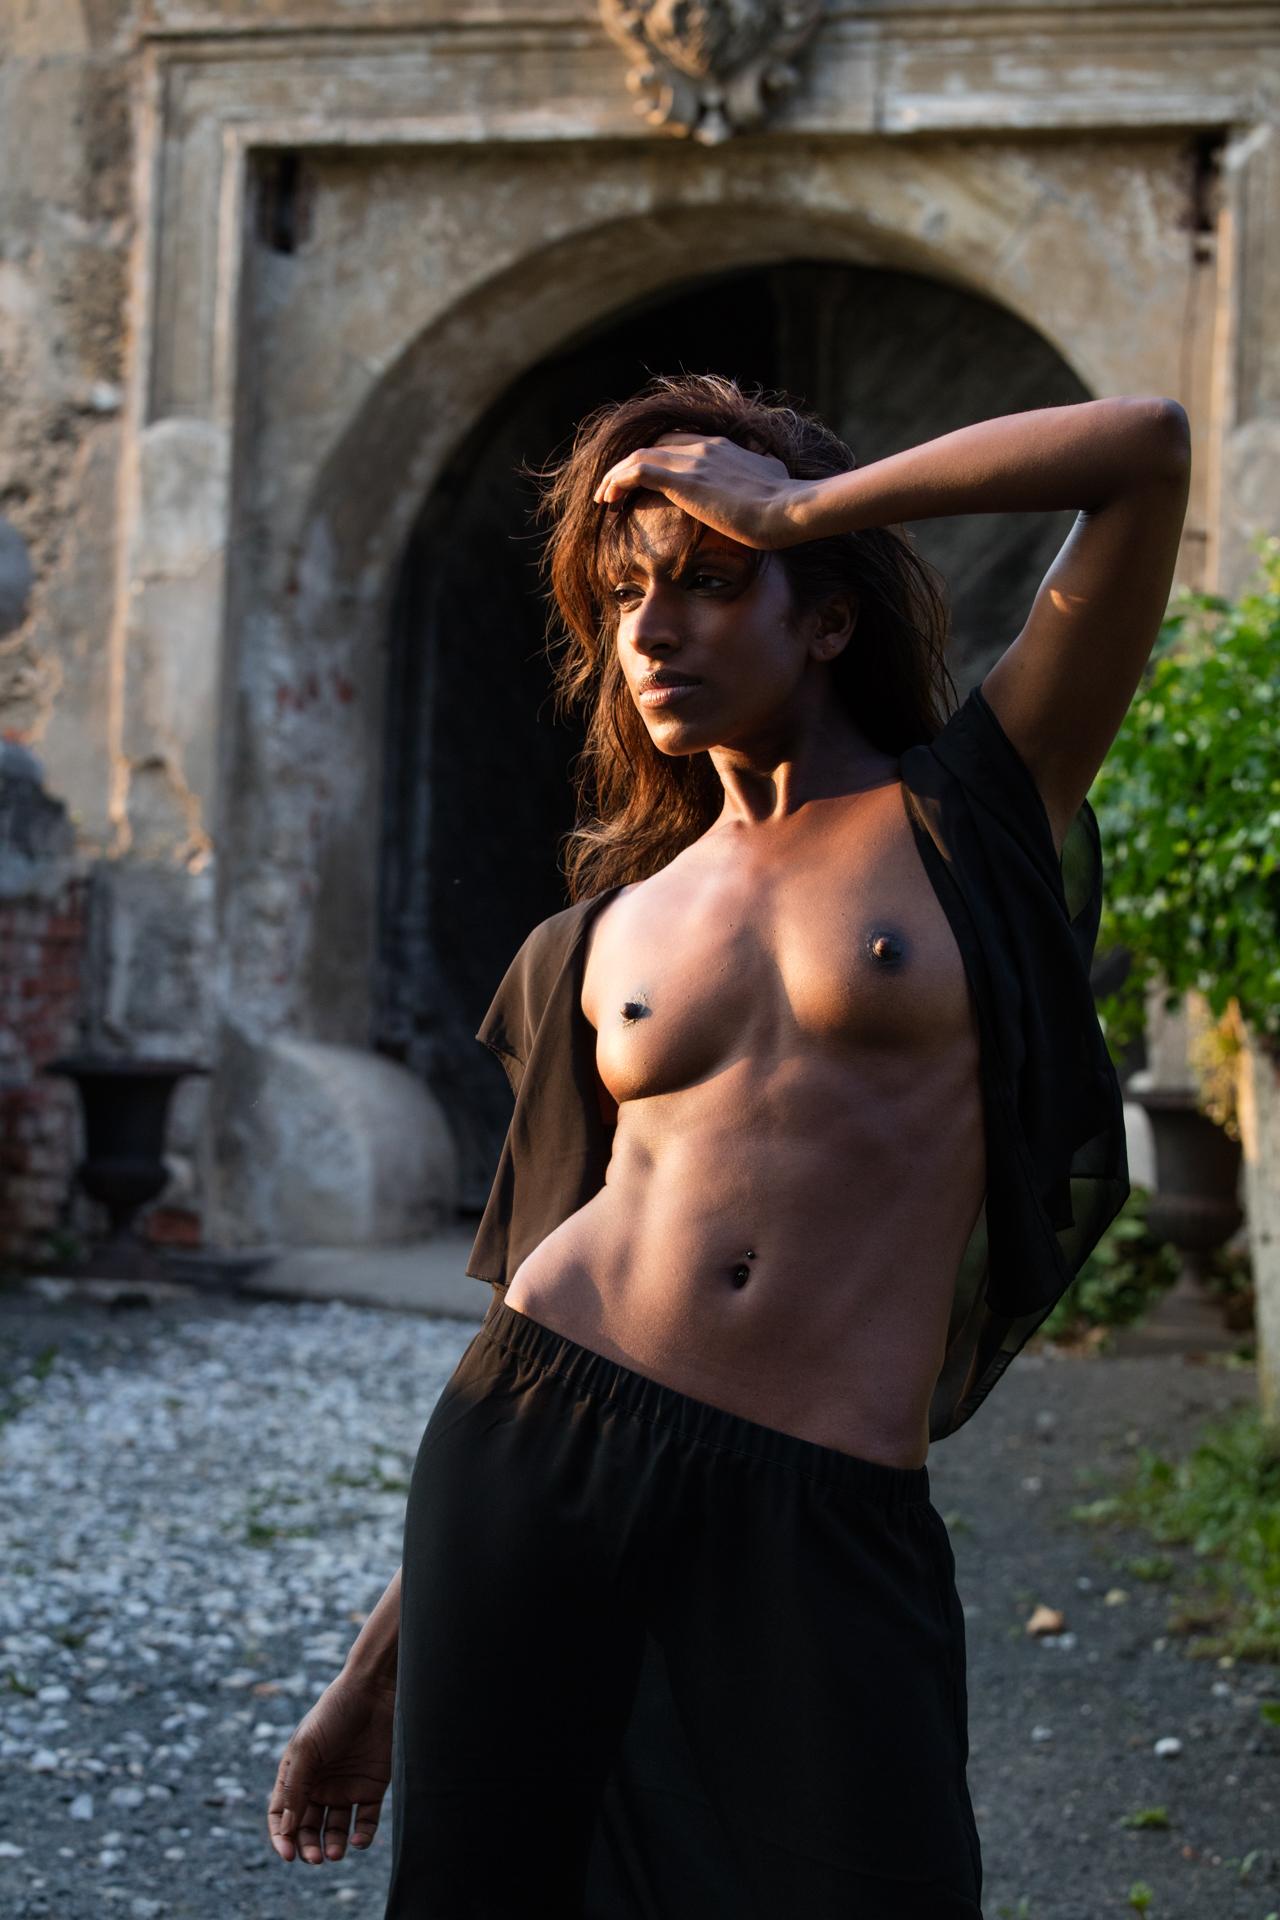 Nude photoshoot - COOPH_Greg_Gorman_010